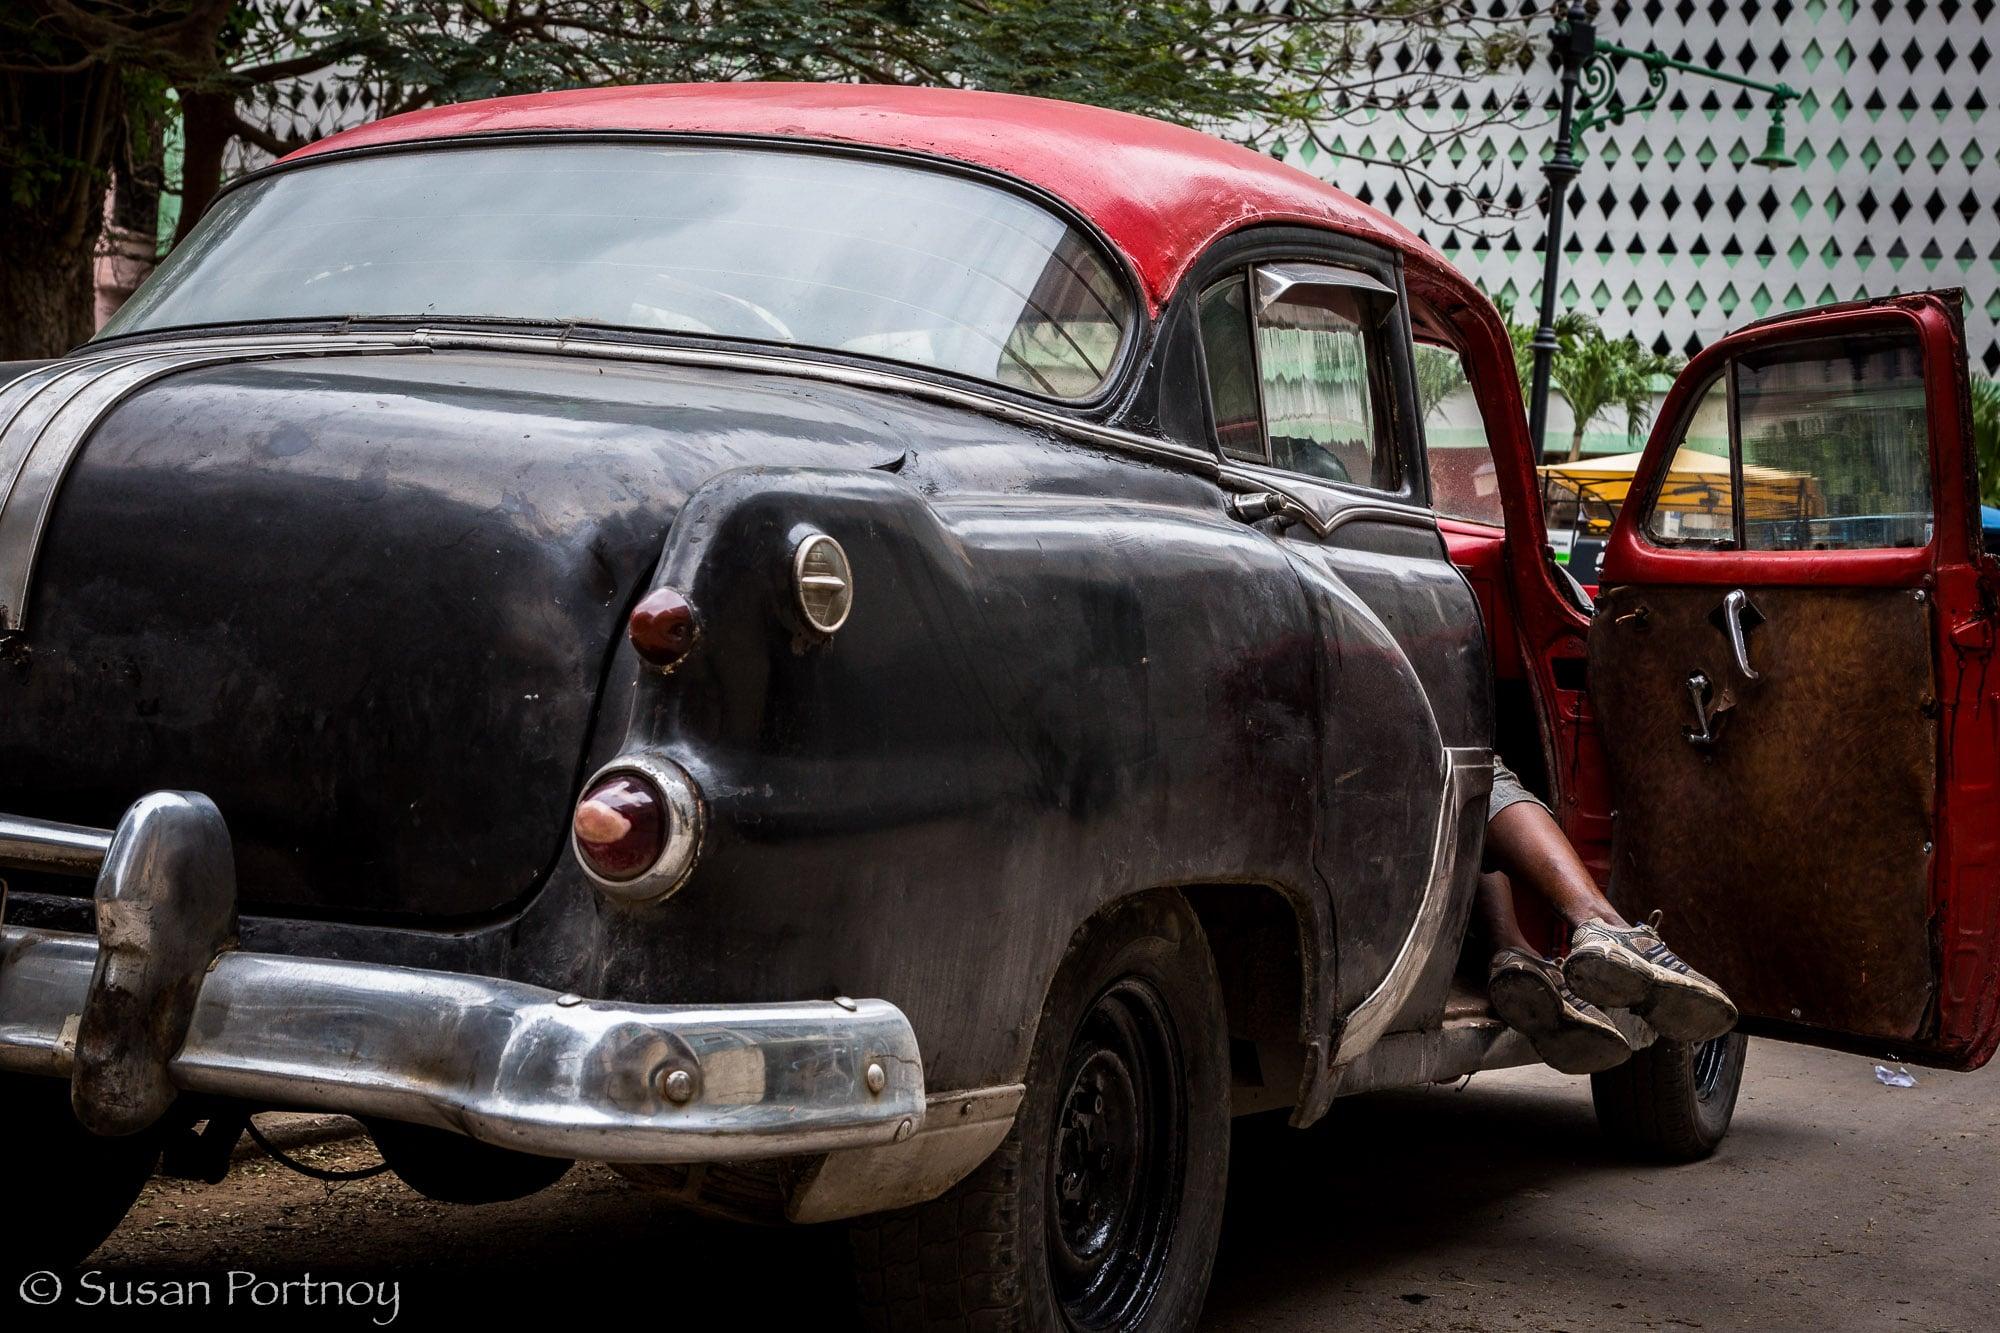 Black and red classic car in Havana, Cuba